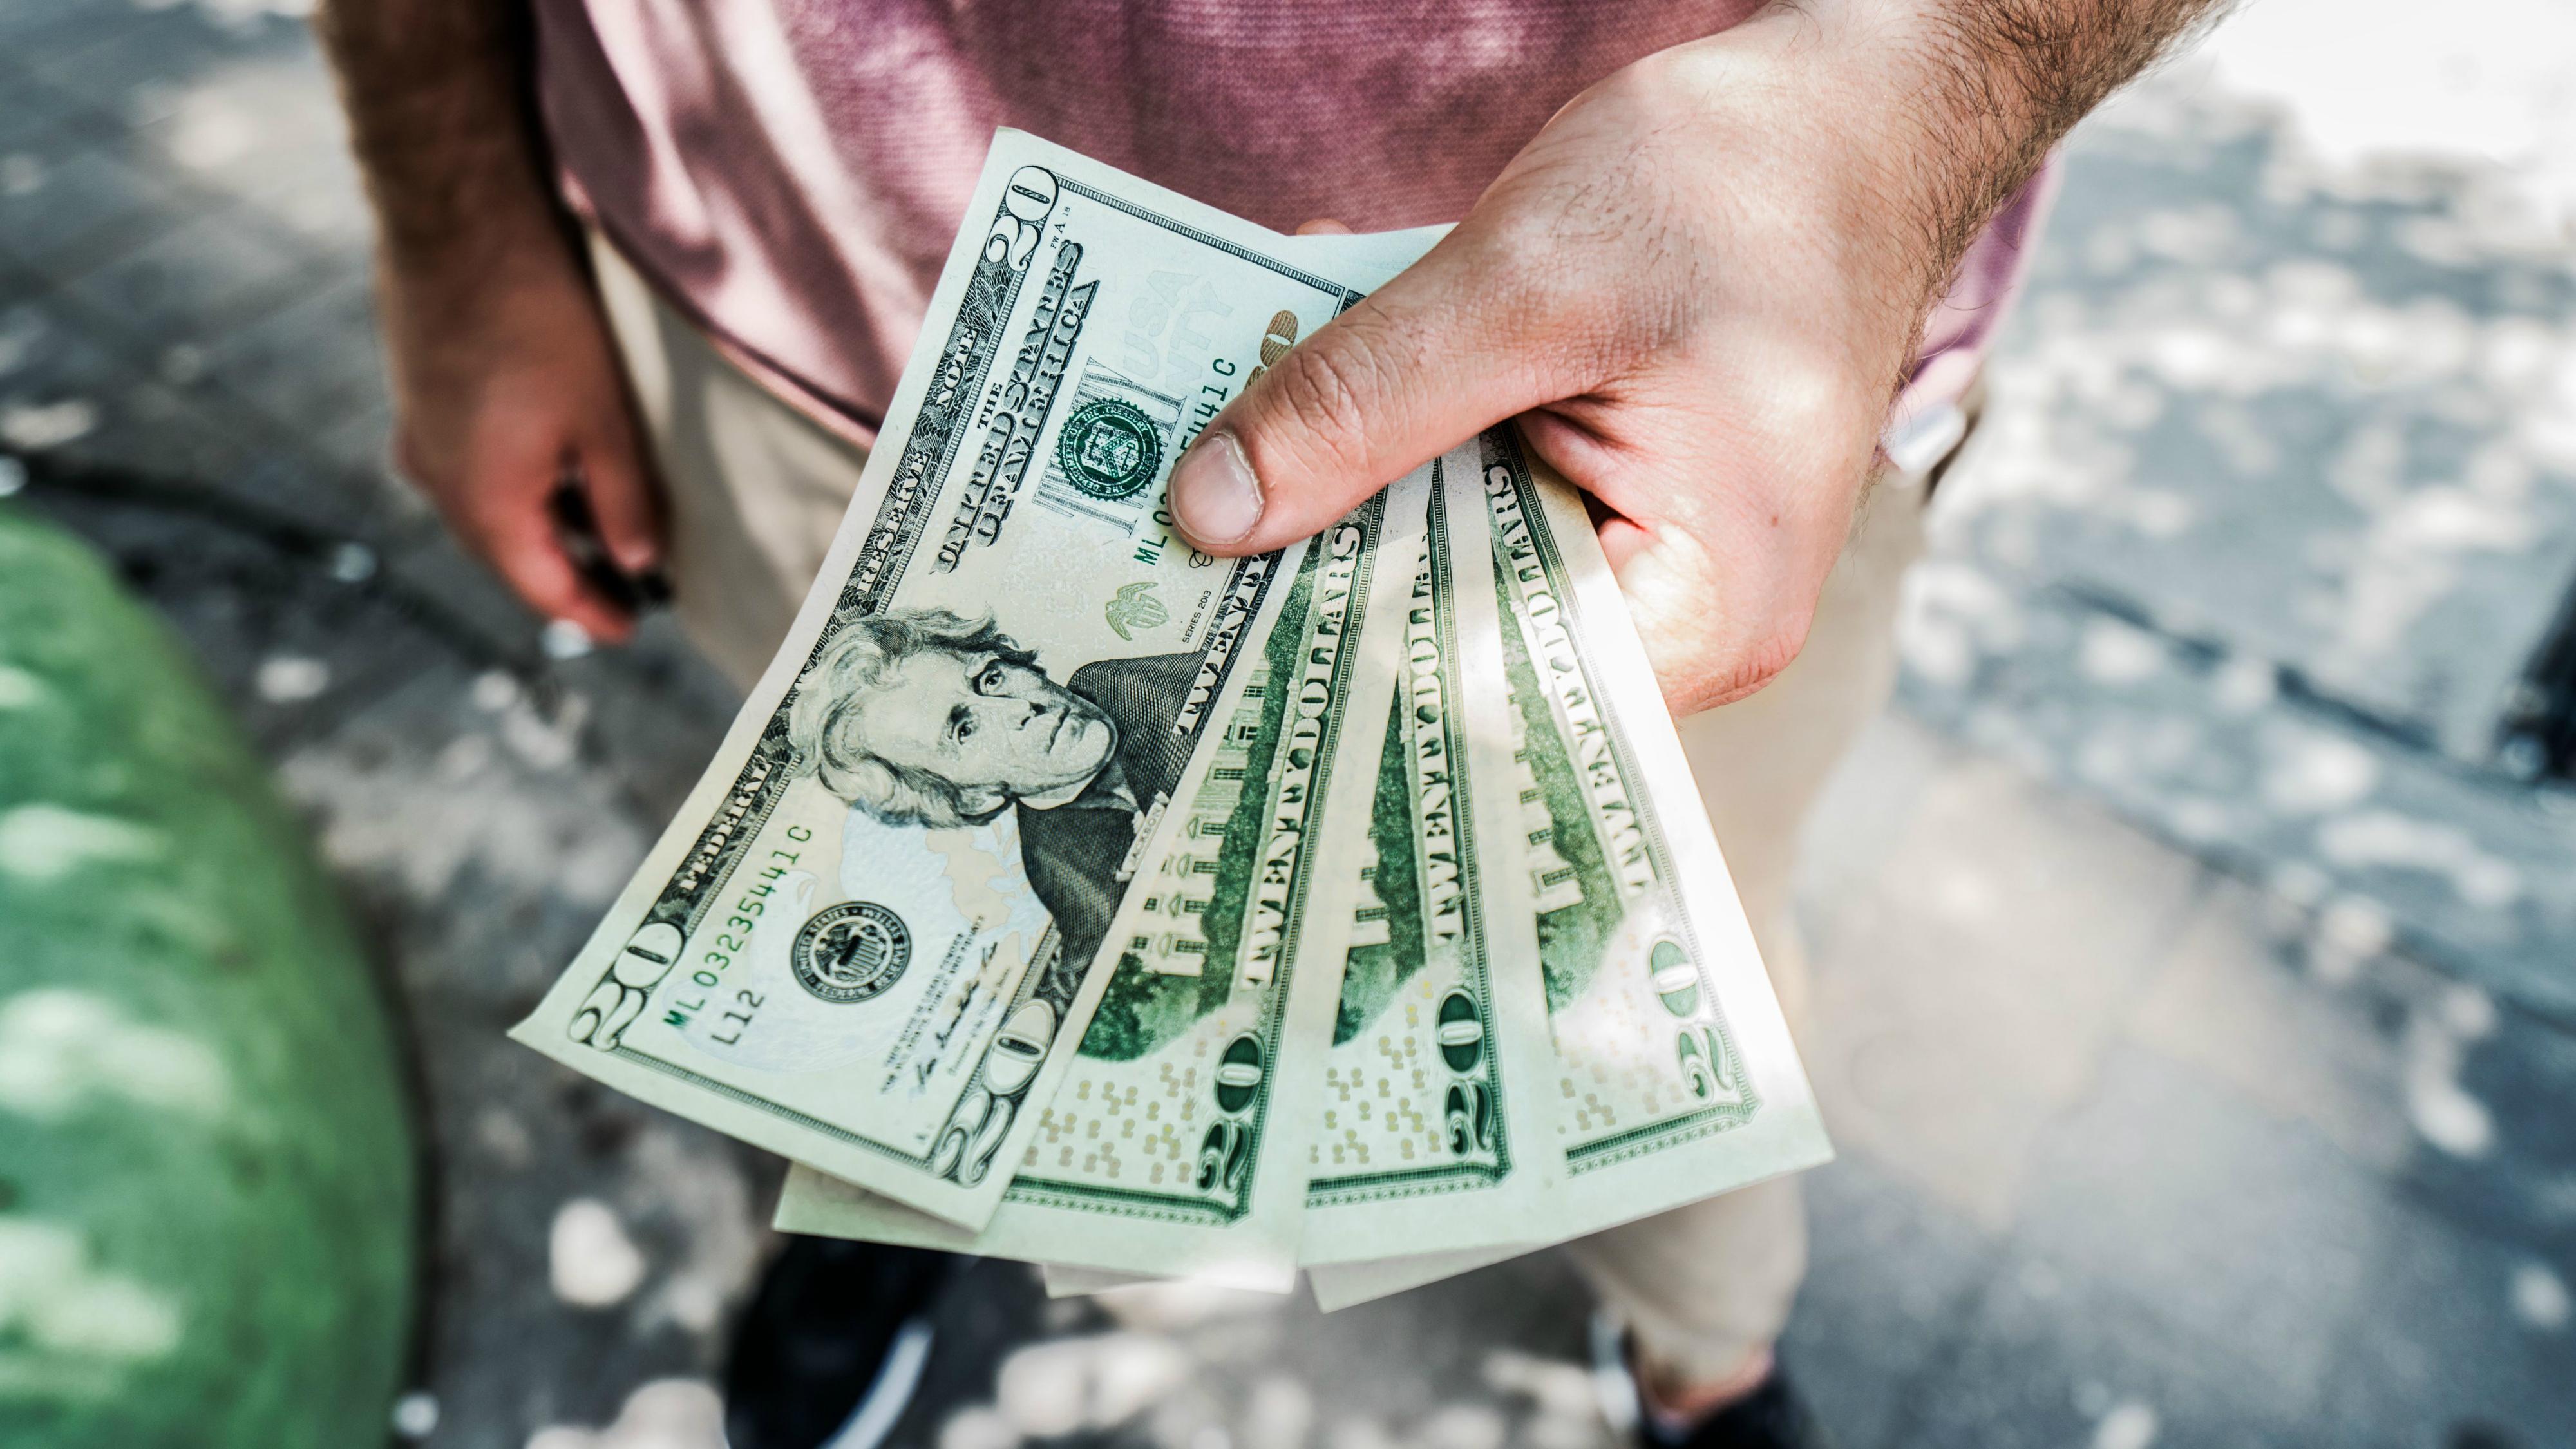 kā nopelnīt naudu 2020. gada dolāros)